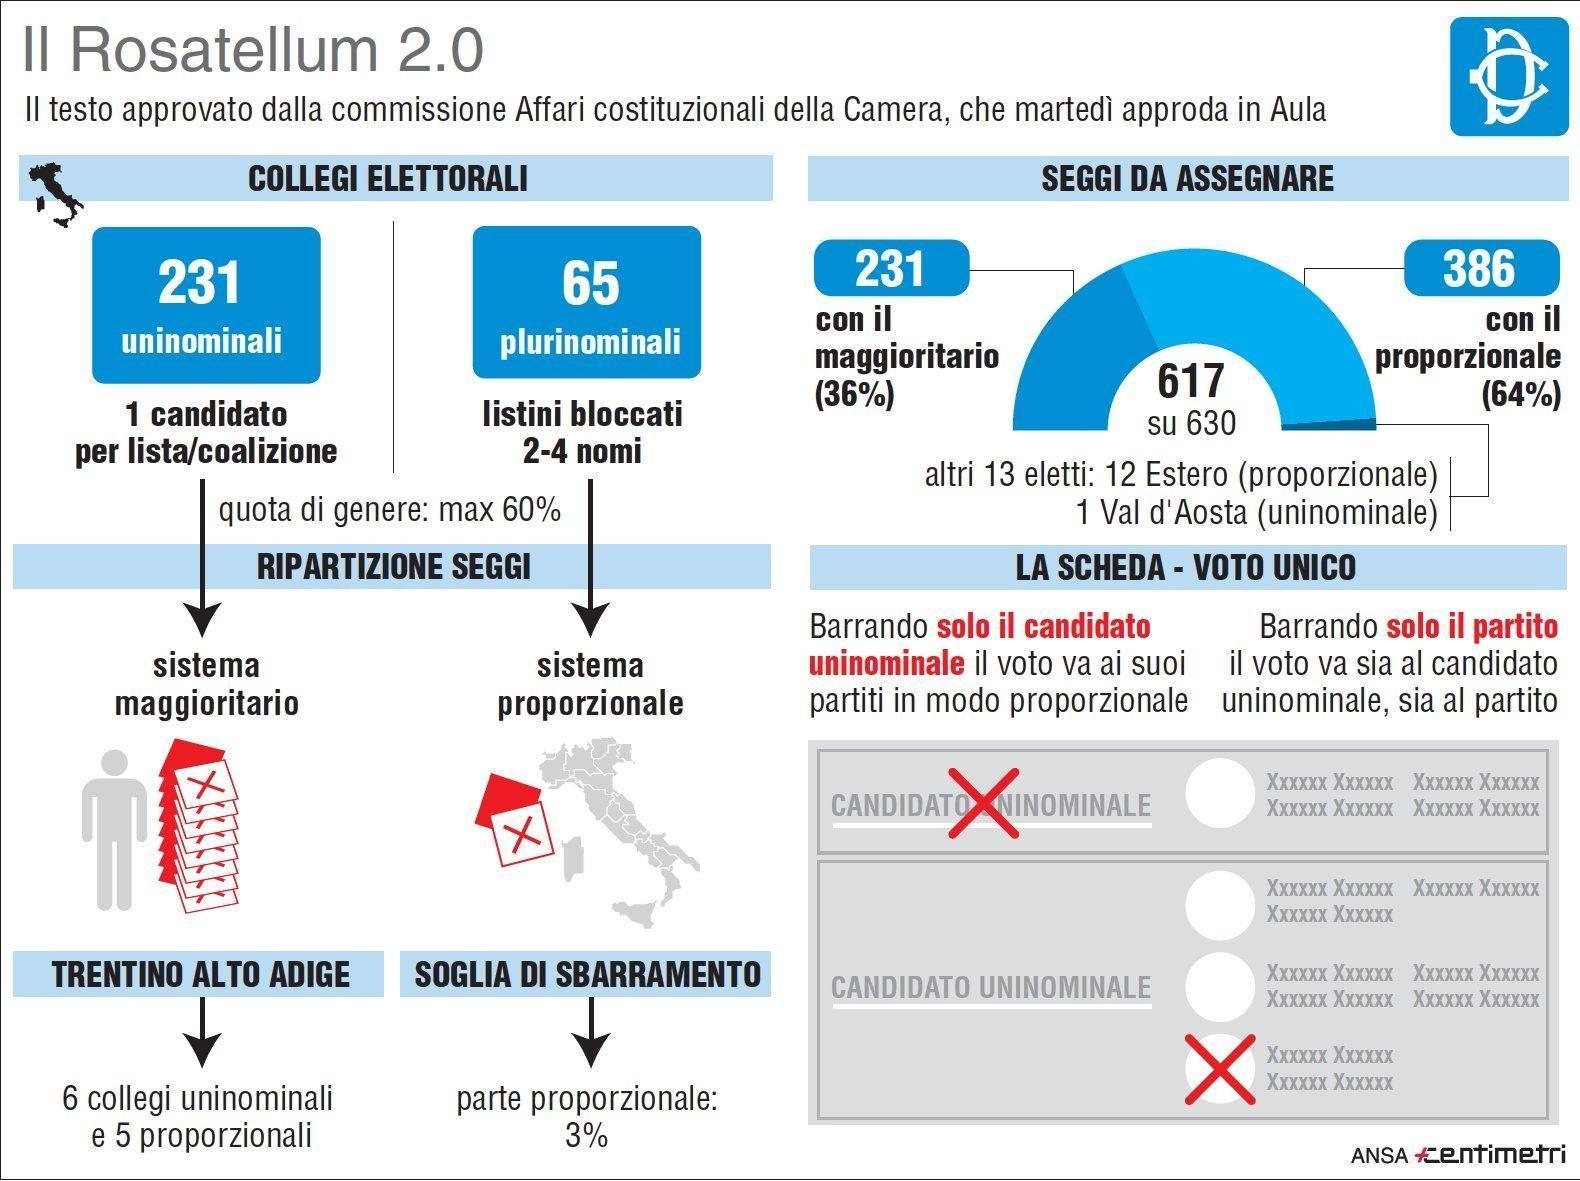 Rosatellum